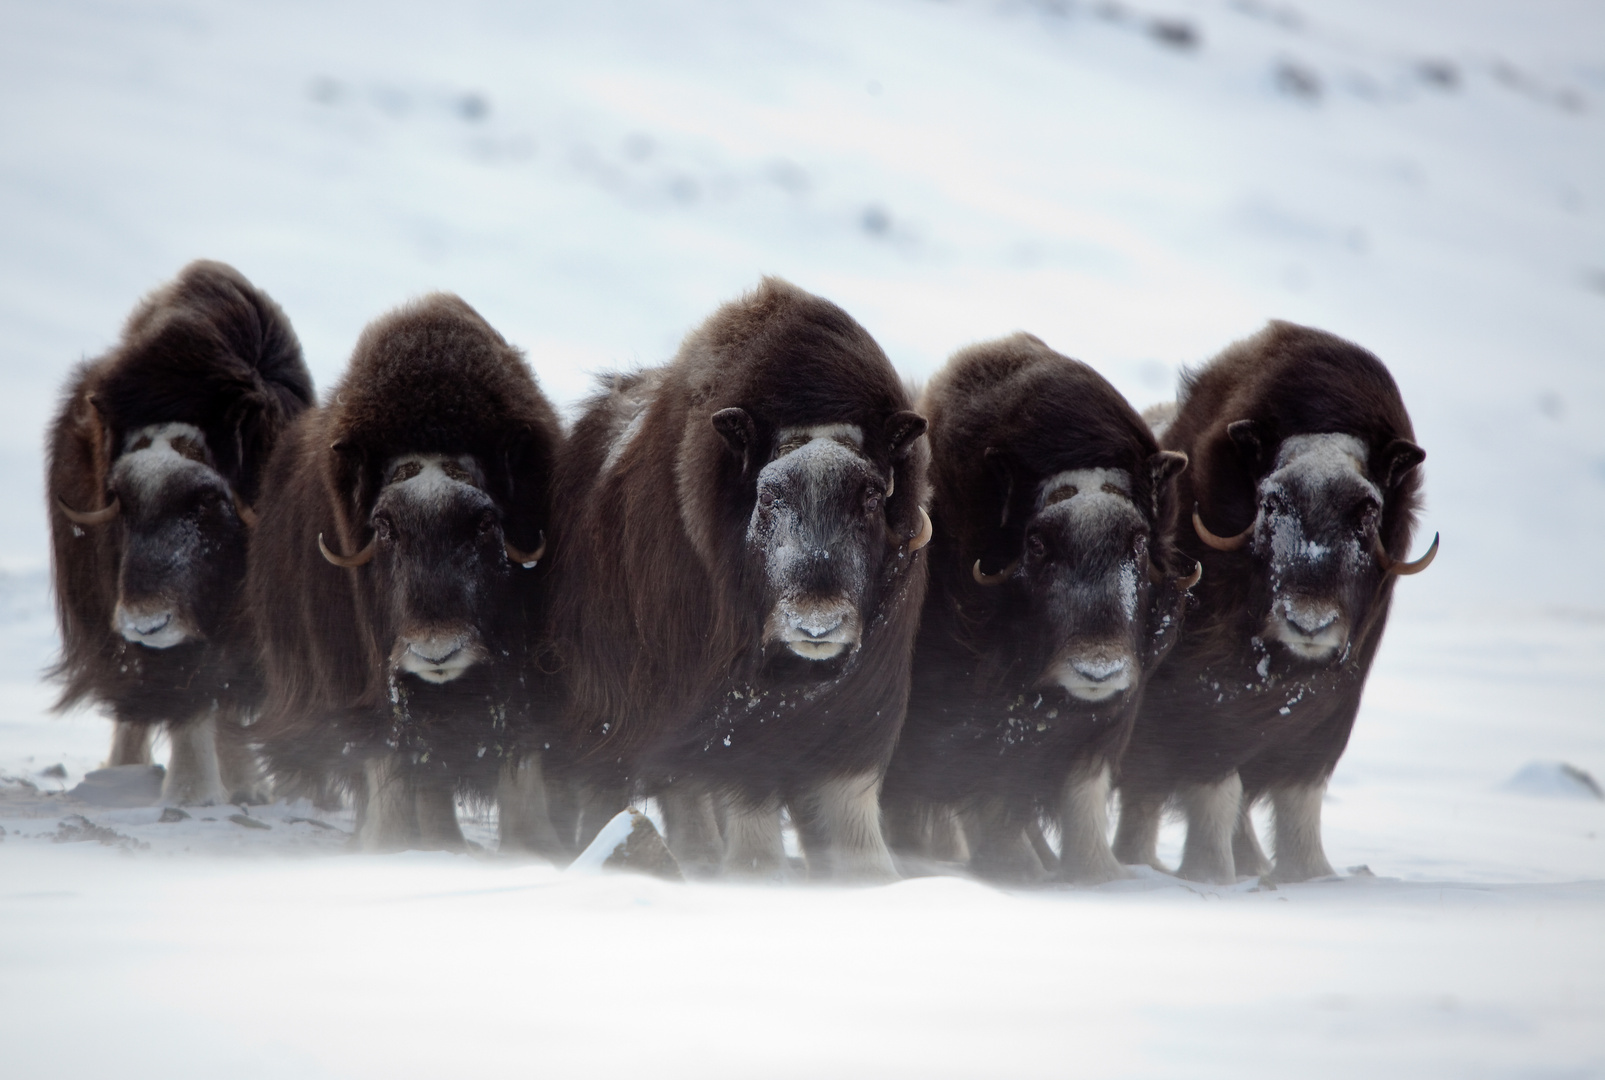 Moschusochsen Foto & Bild | tiere, wildlife, säugetiere Bilder auf  fotocommunity